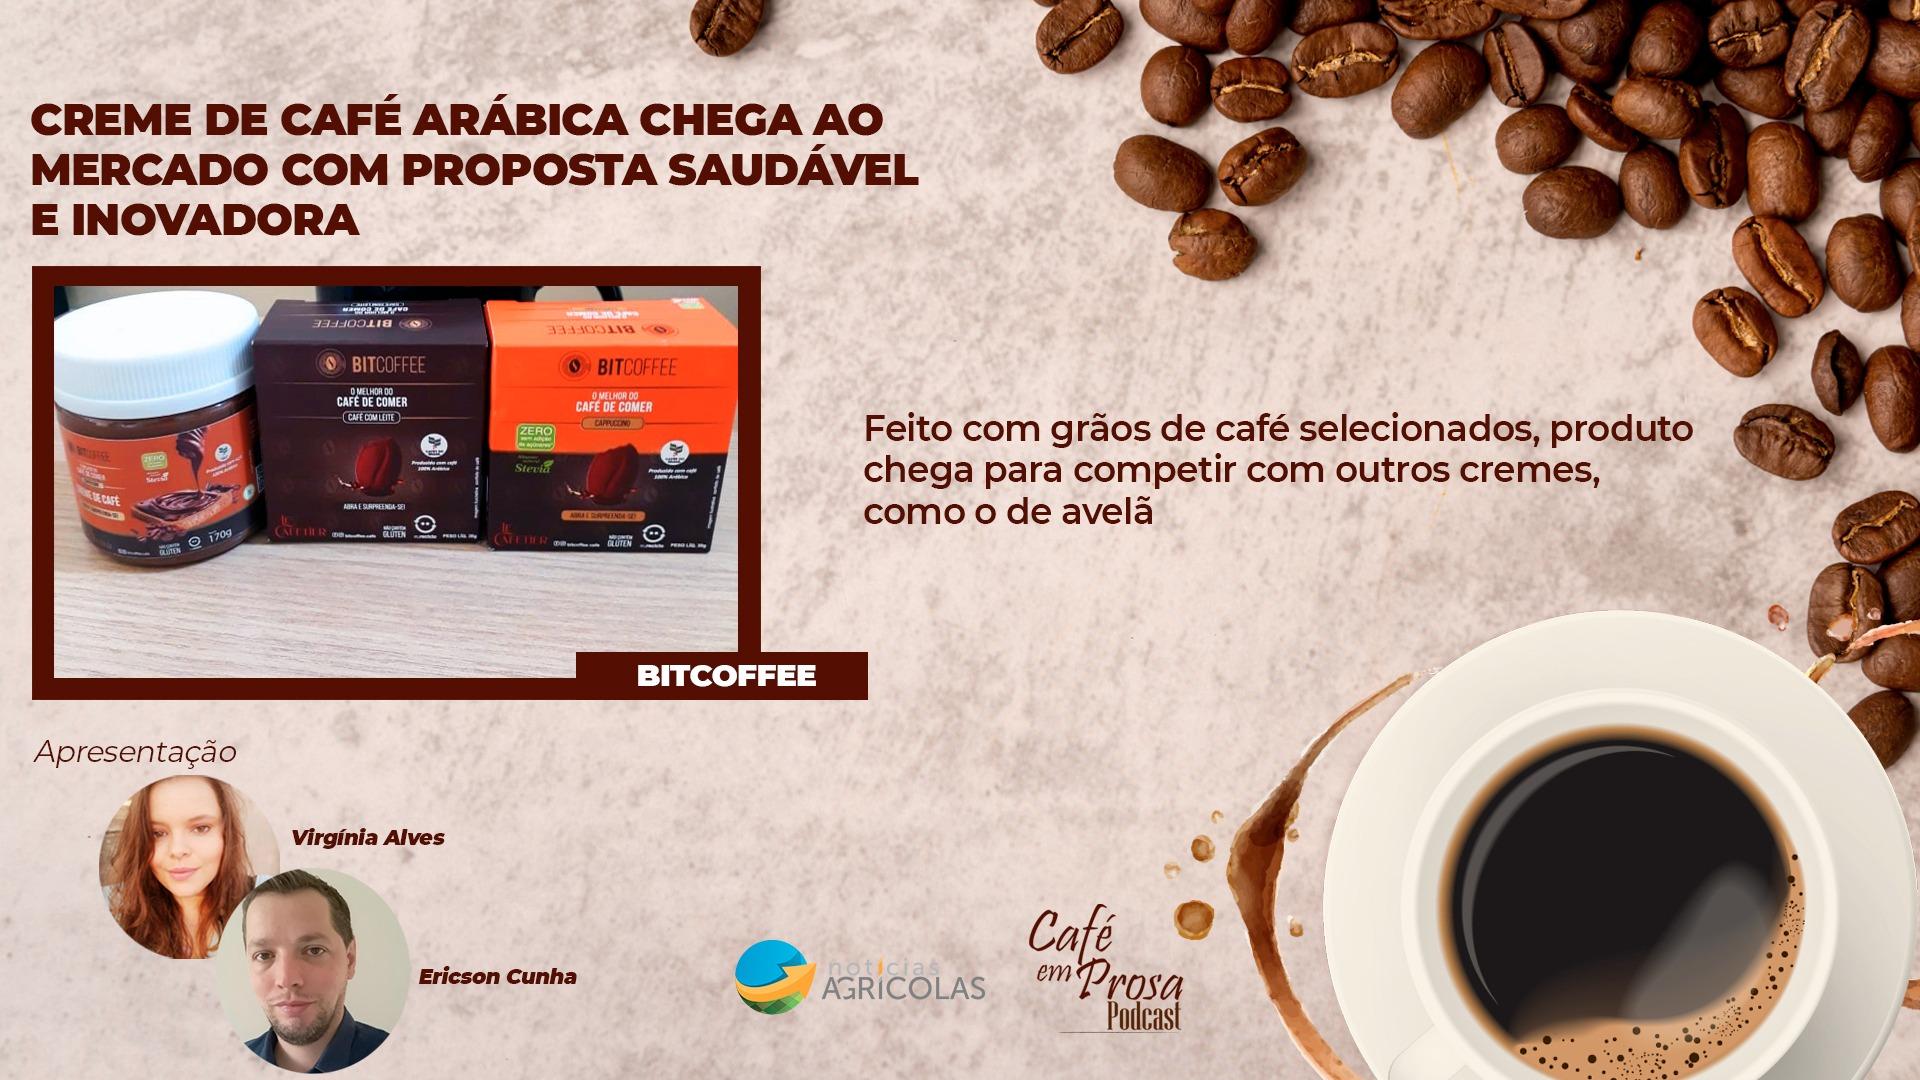 cafe em prosa 9